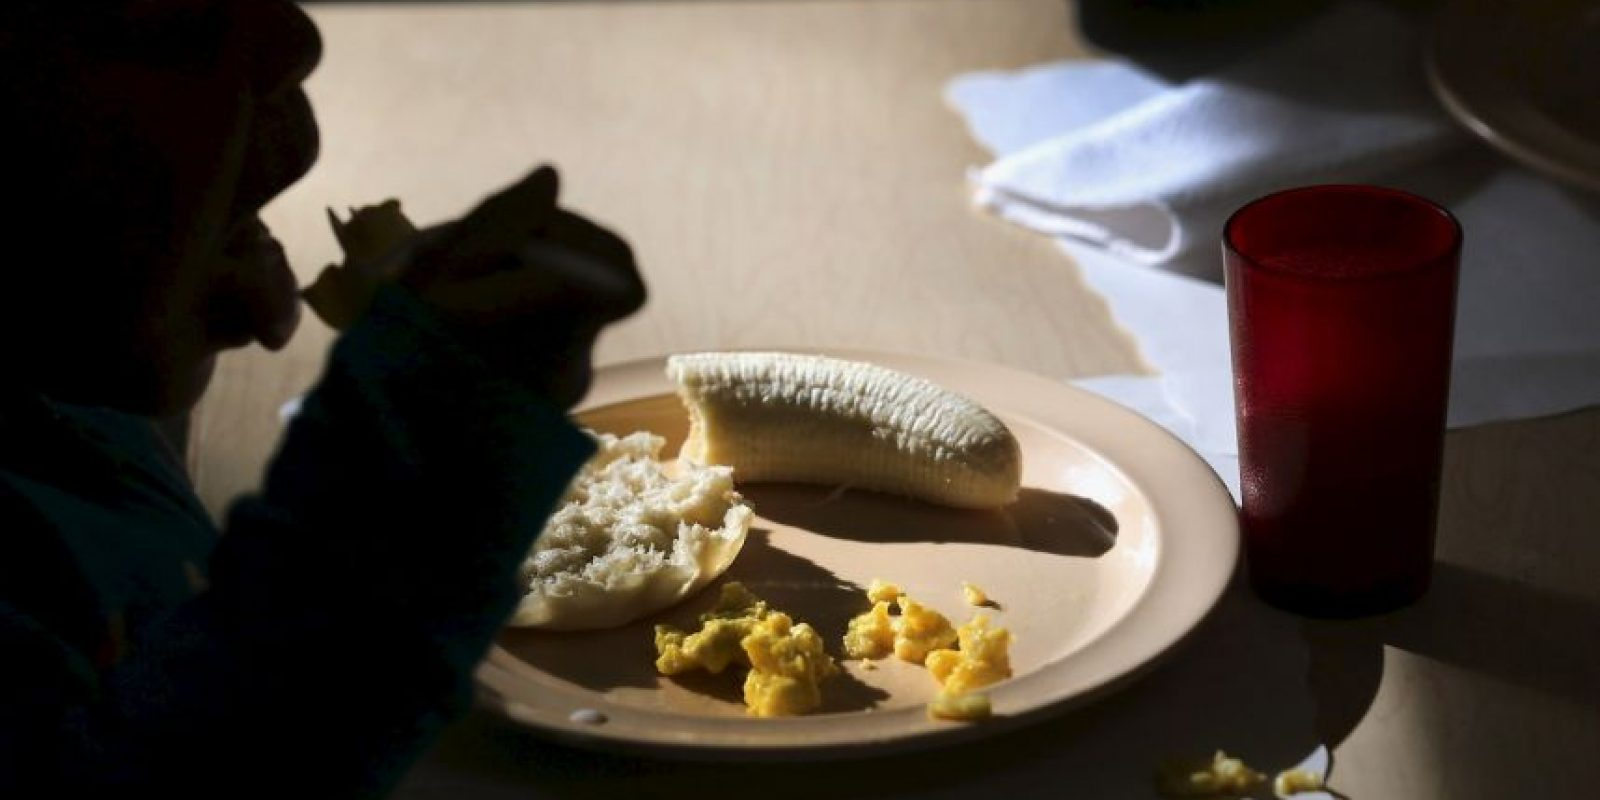 3. También suelen comprar comida en la gasolinería y comerla en el automóvil Foto:Getty Images